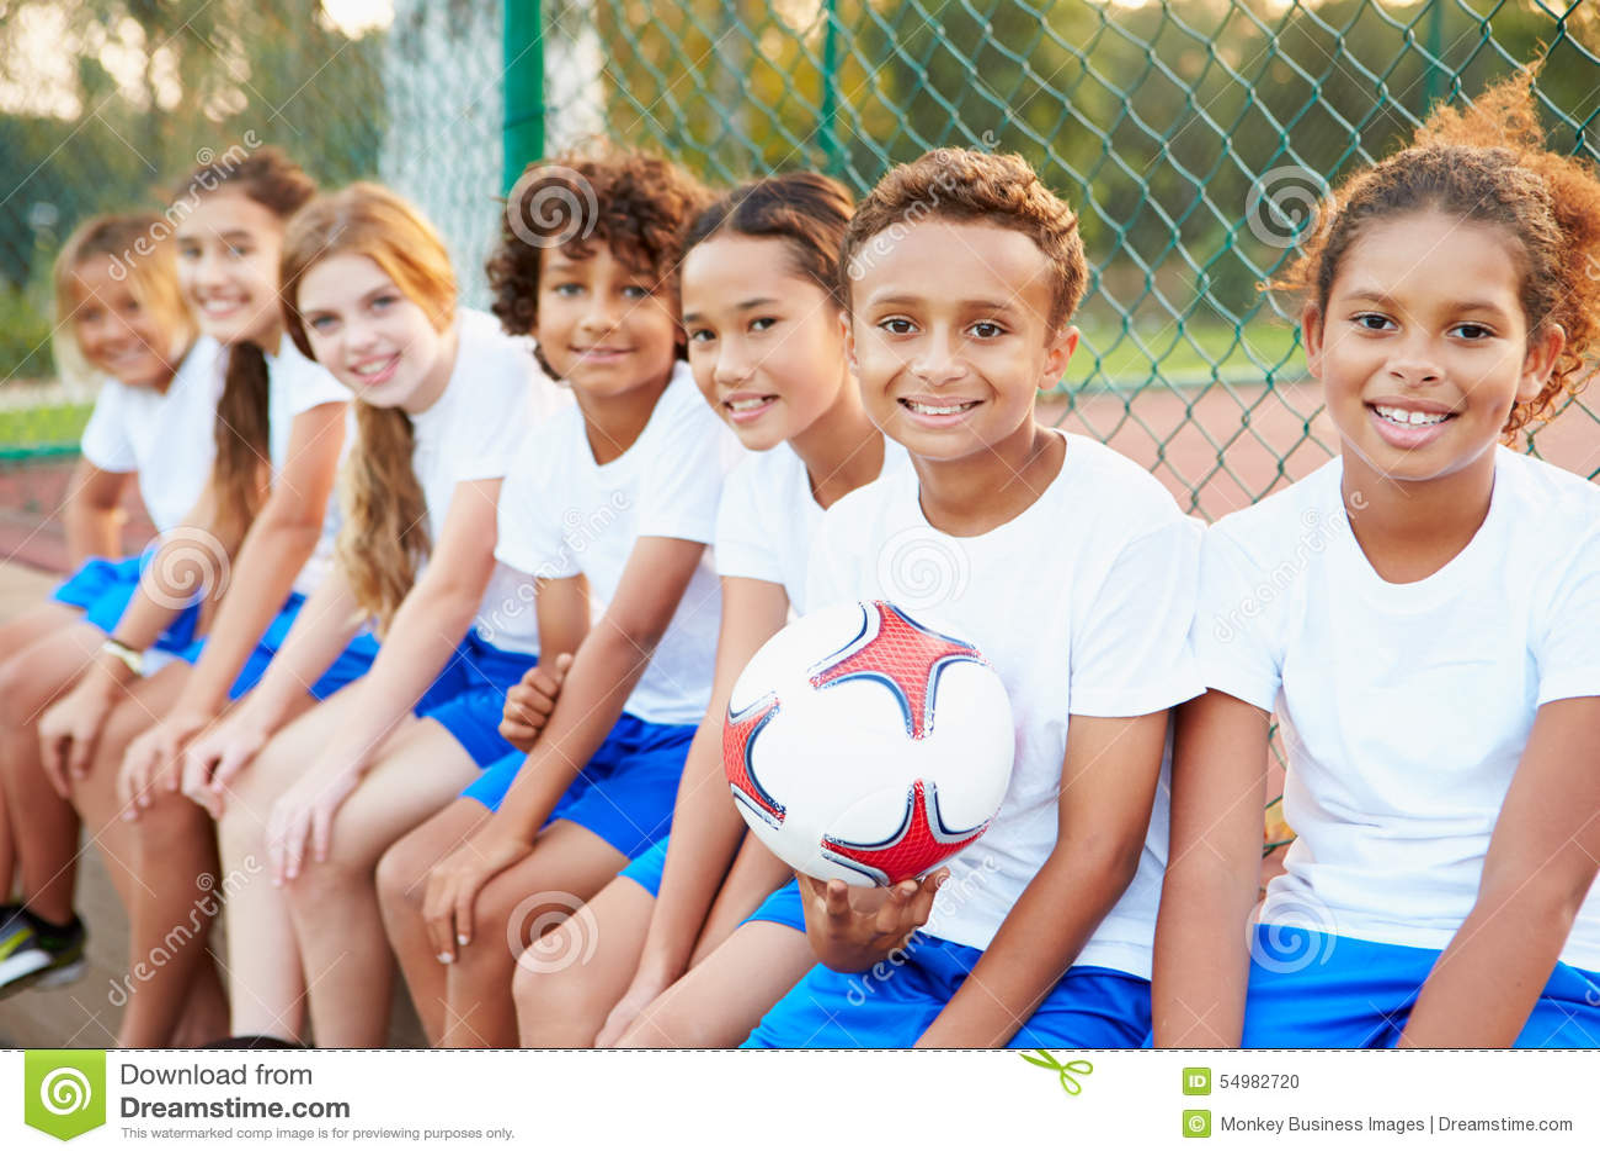 Stående av ungdomfotboll Team Training Together